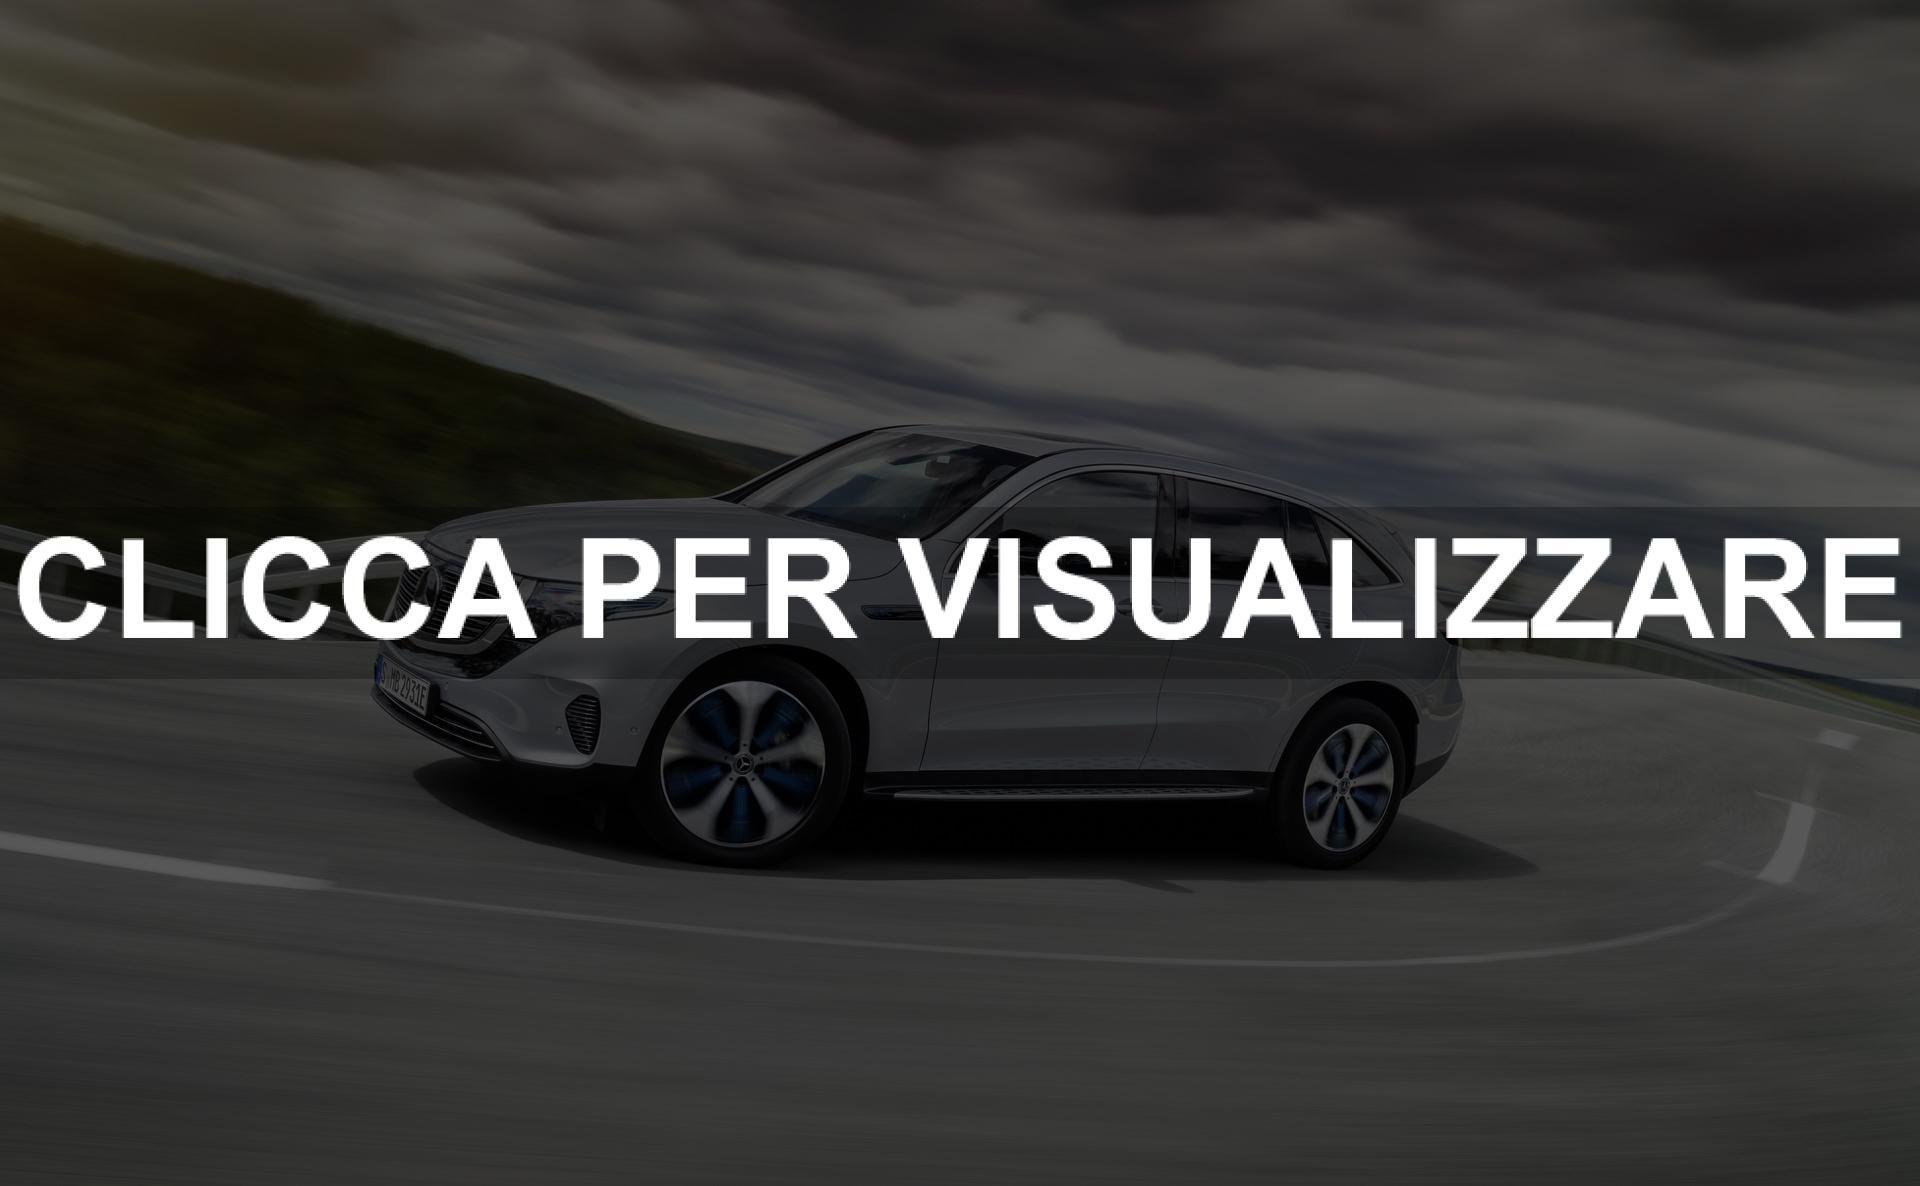 Immagini nuovo suv medio Mercedes elettrico EQC 2019